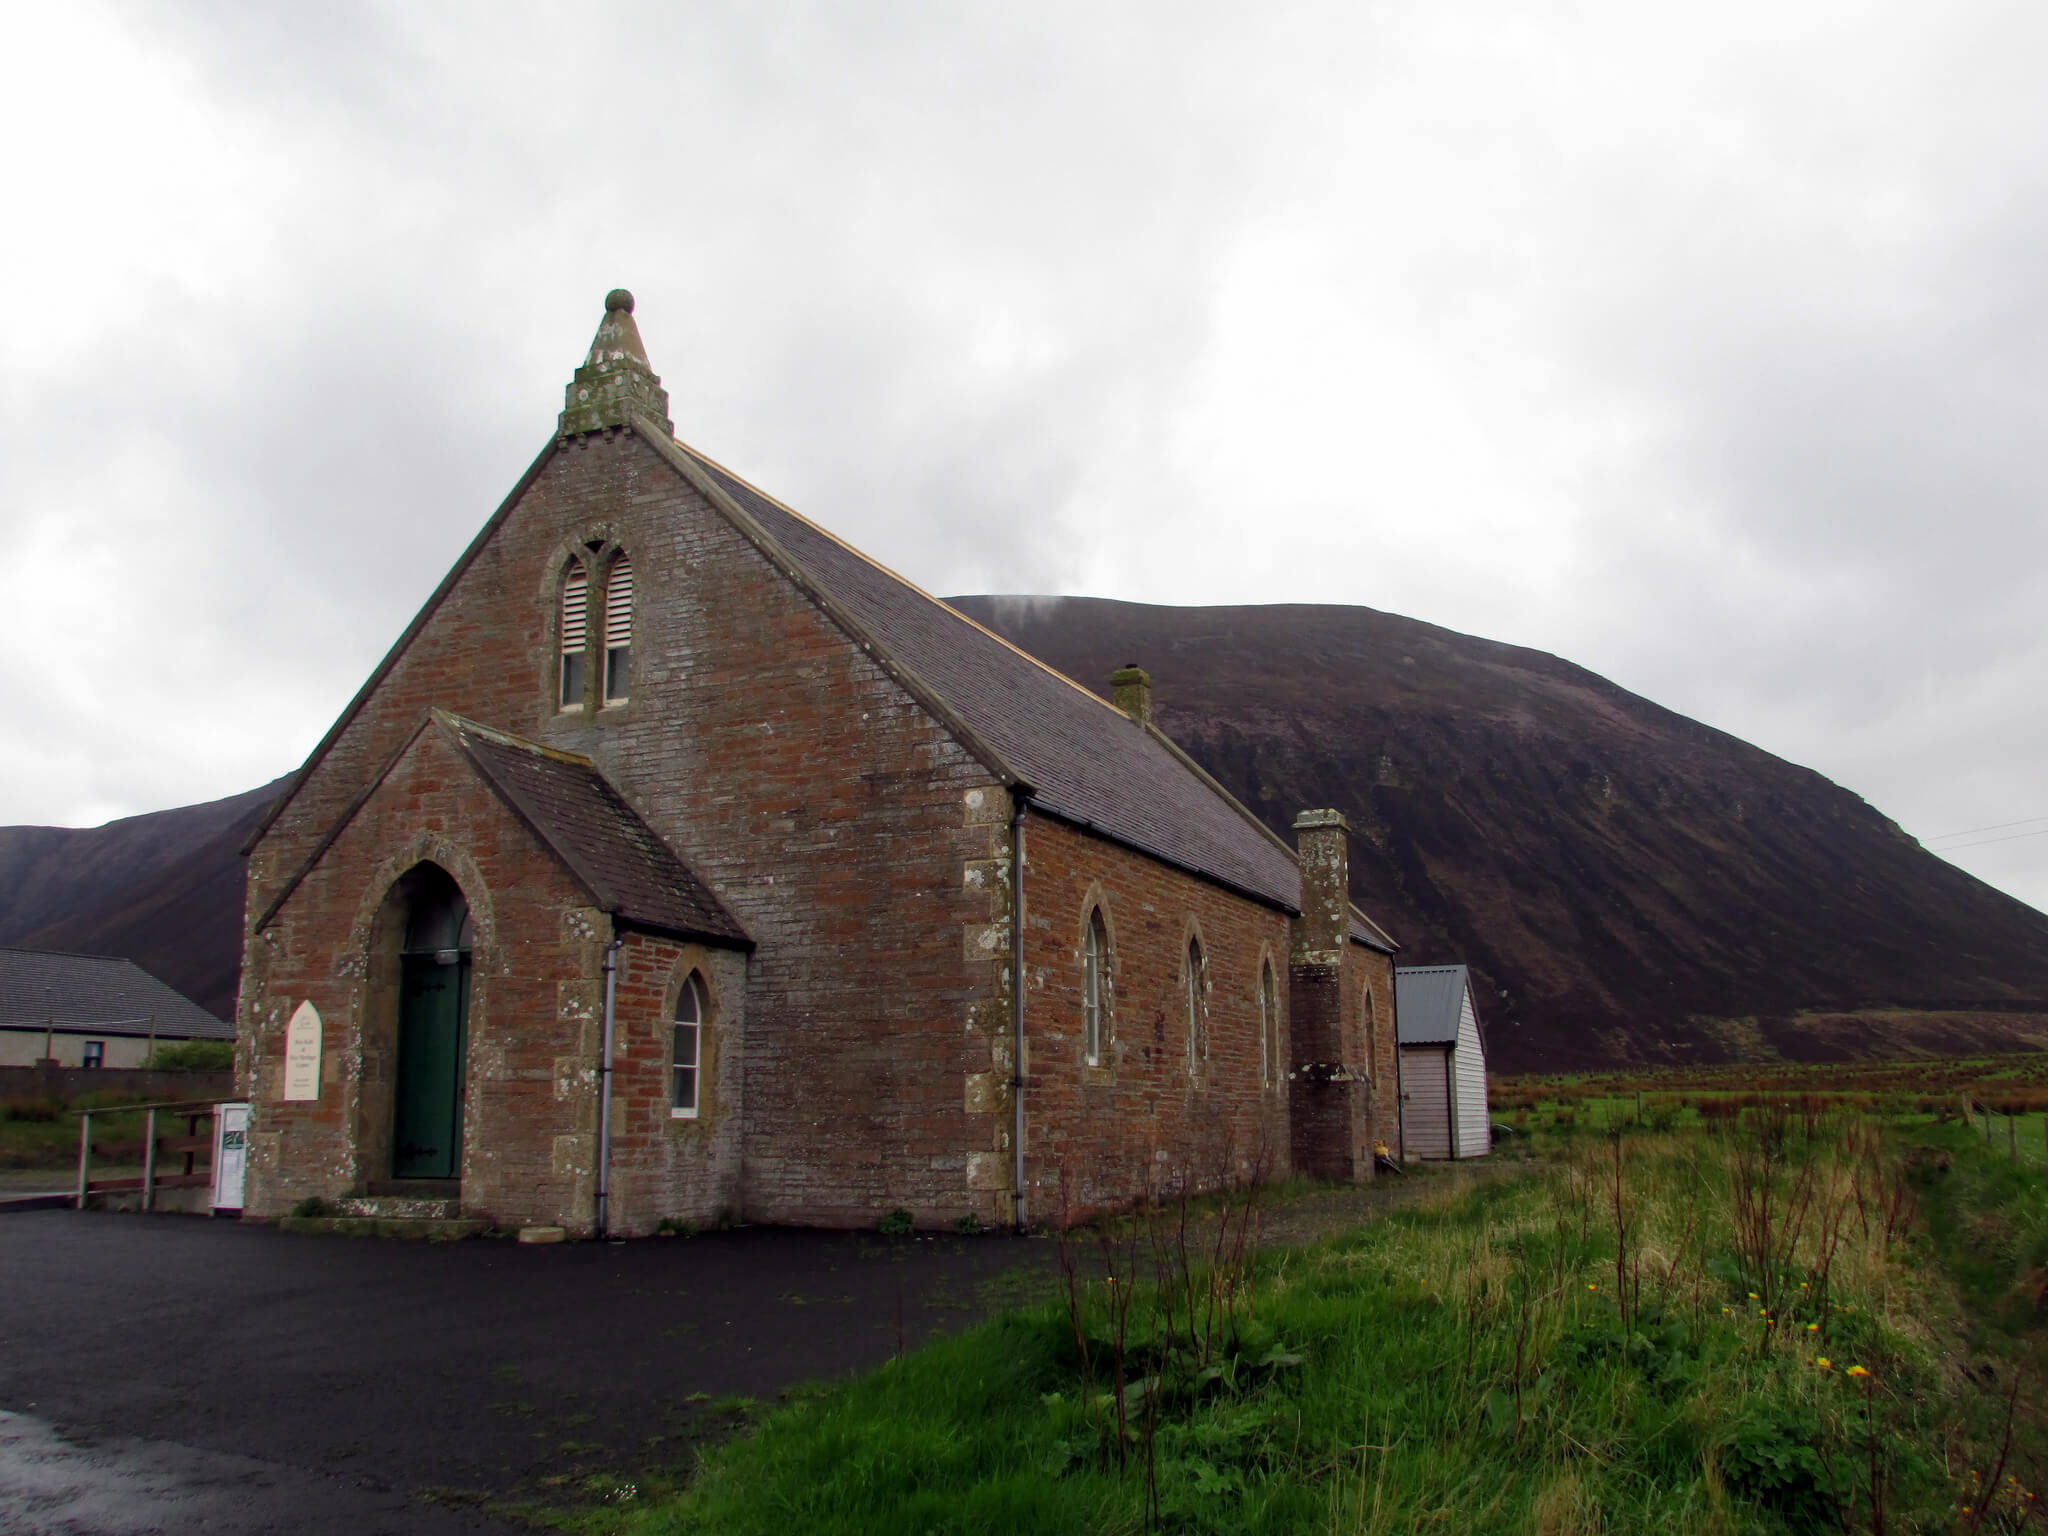 Hoy Kirk Museum, Hoy Orkney